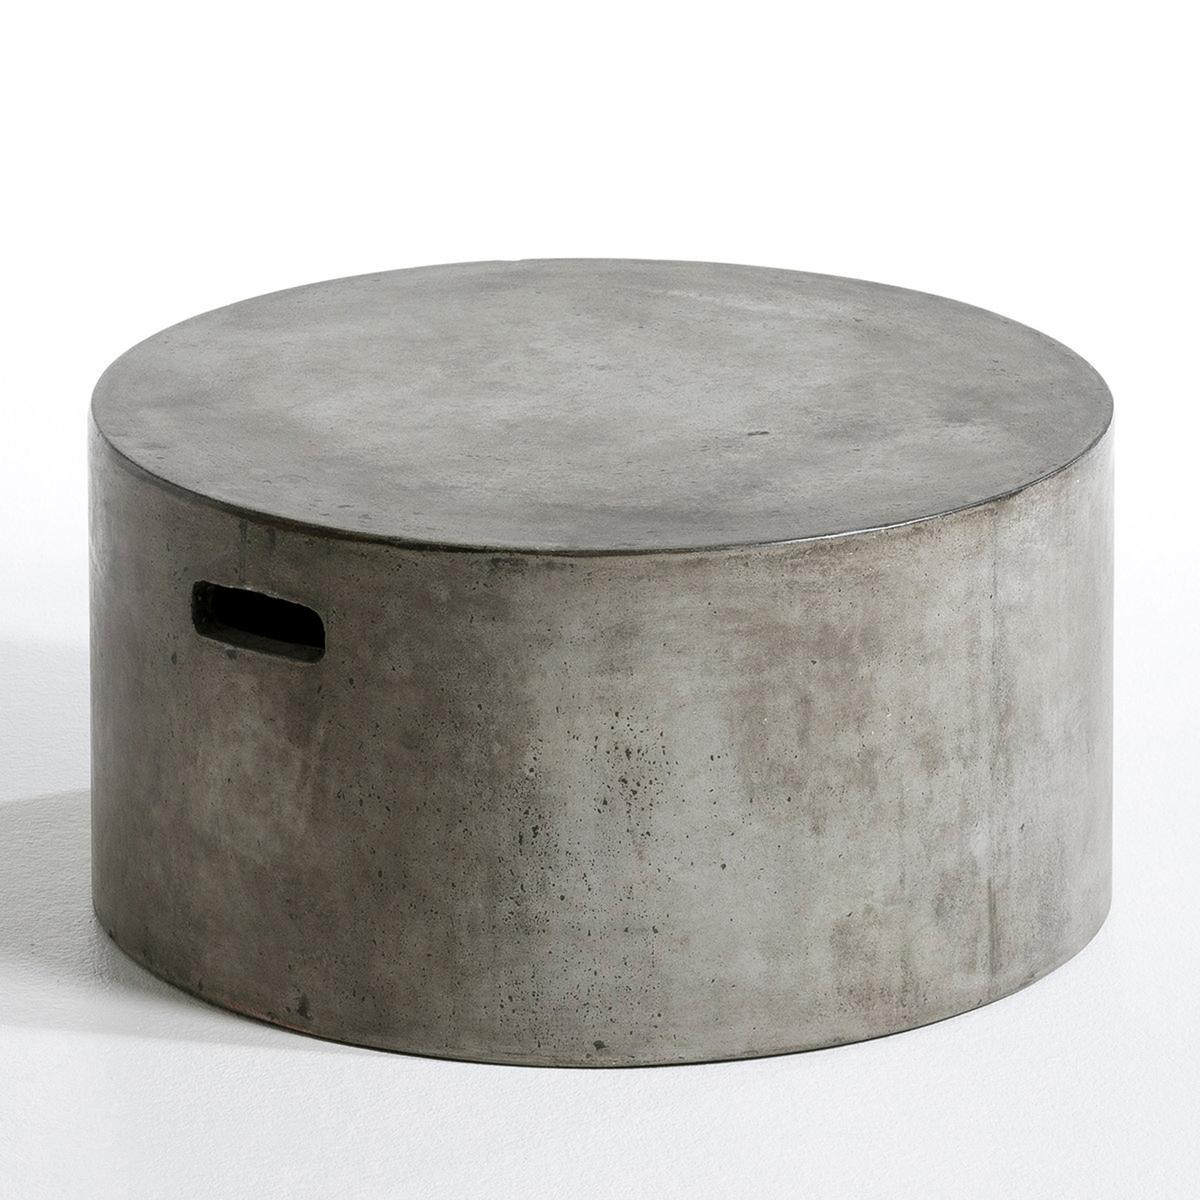 Столик La Redoute Журнальный из цемента Tatum единый размер серый цены